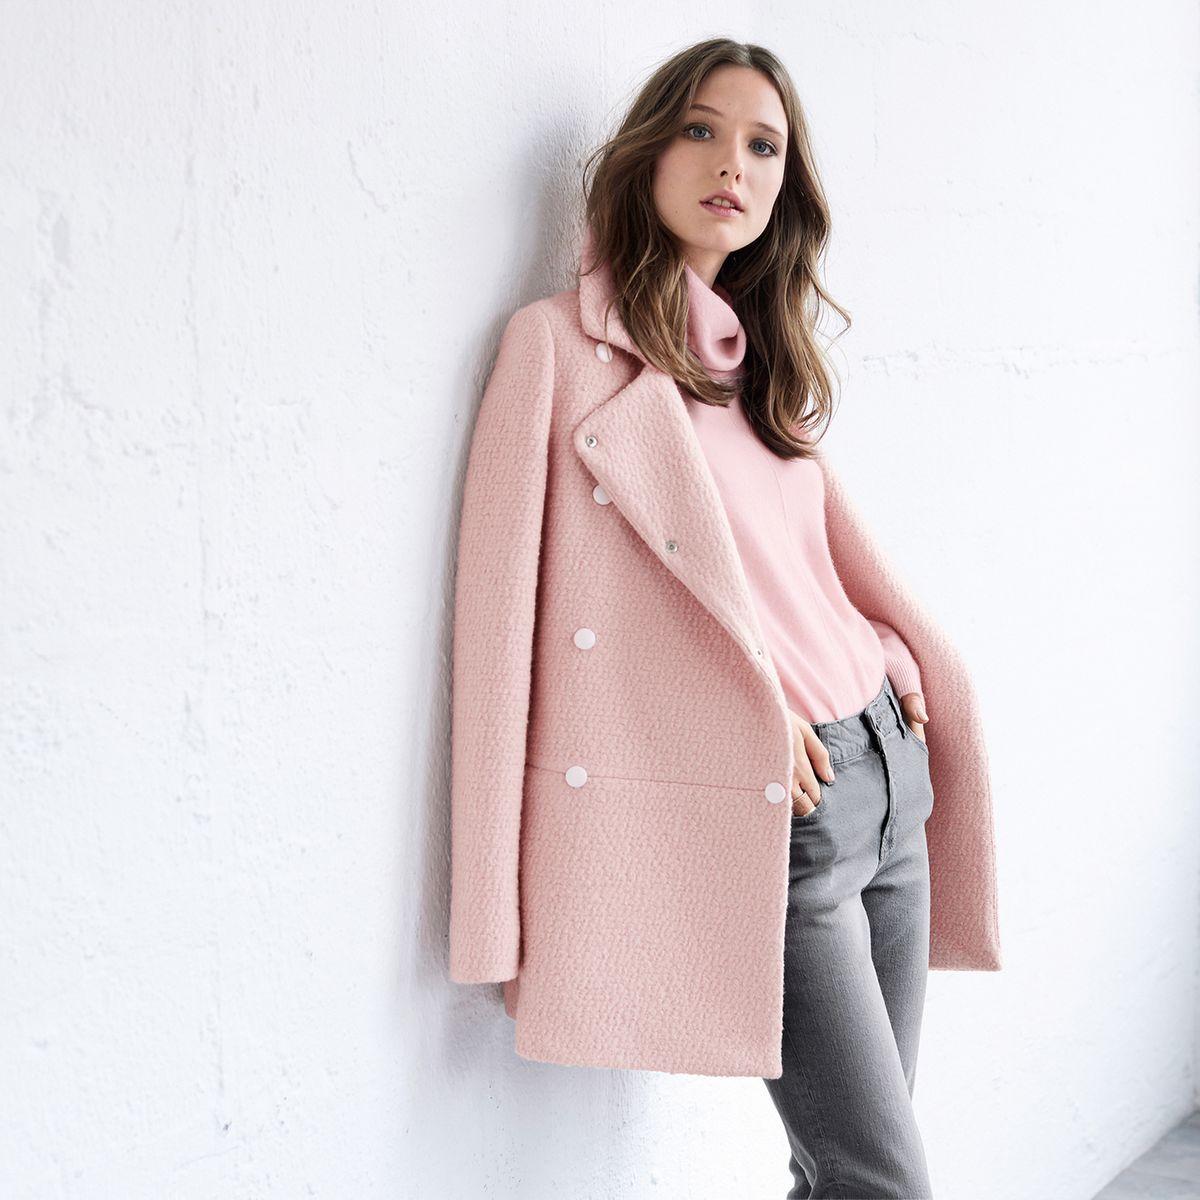 magasin en ligne da859 f9177 Manteau Hiver 2016 : On craque pour ce beau manteau rose ...